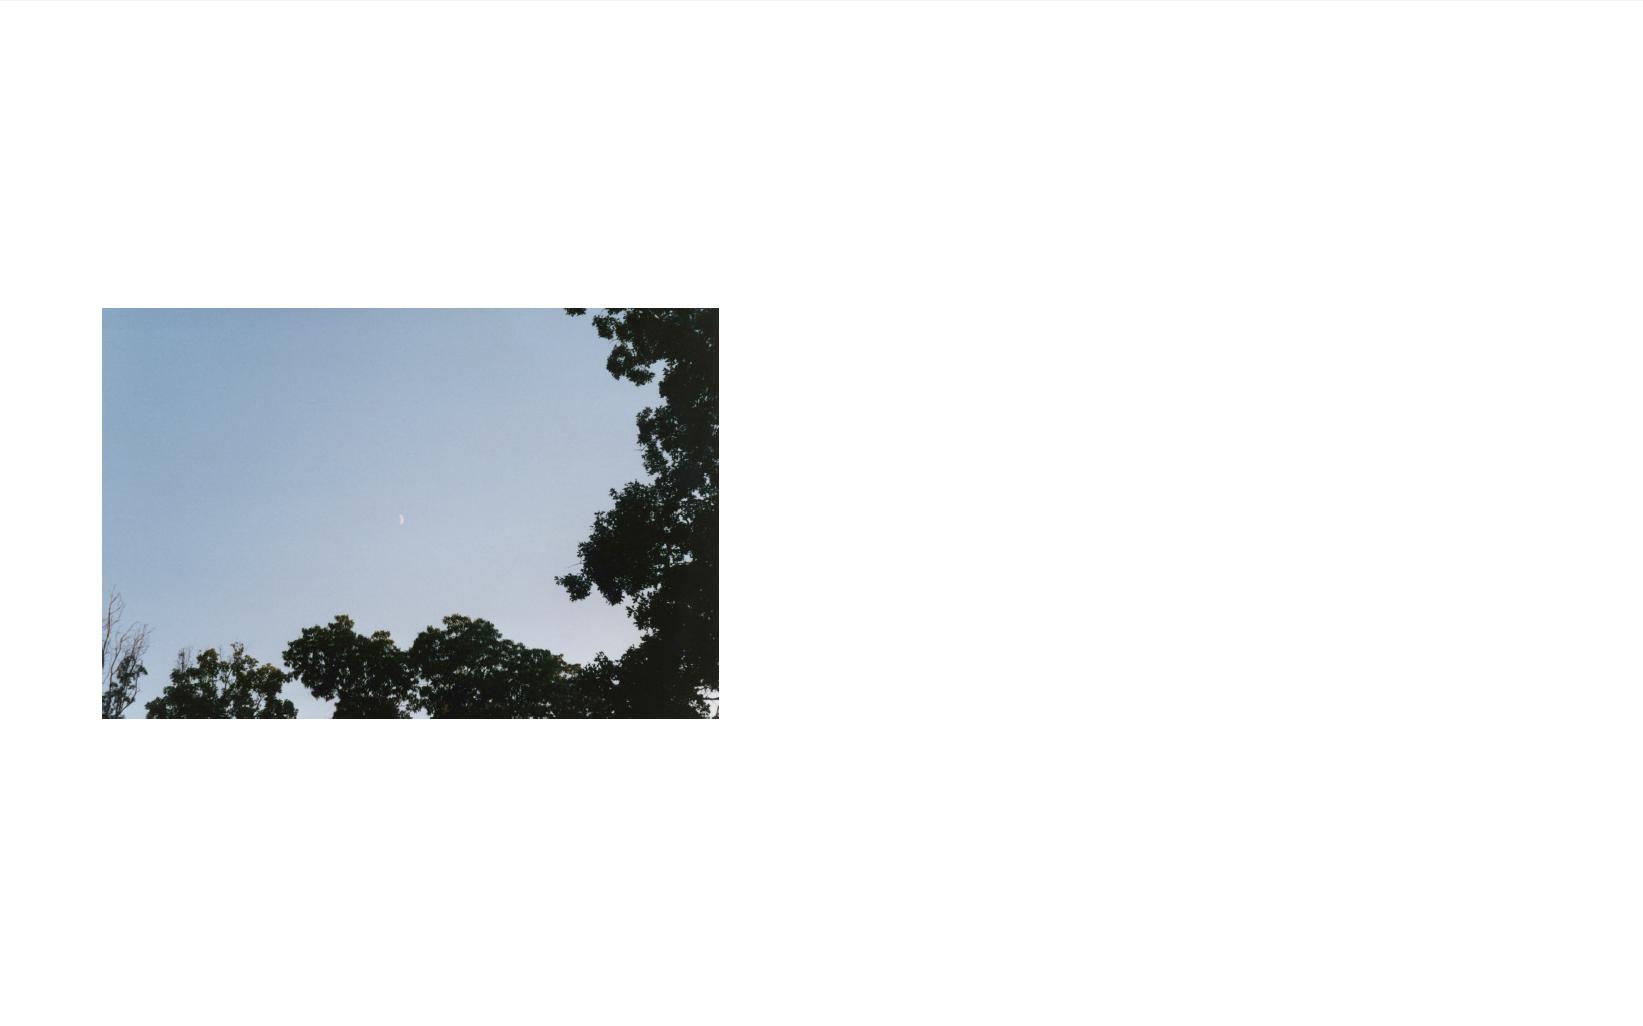 Screen Shot 2015-05-20 at 6.07.48 PM.png